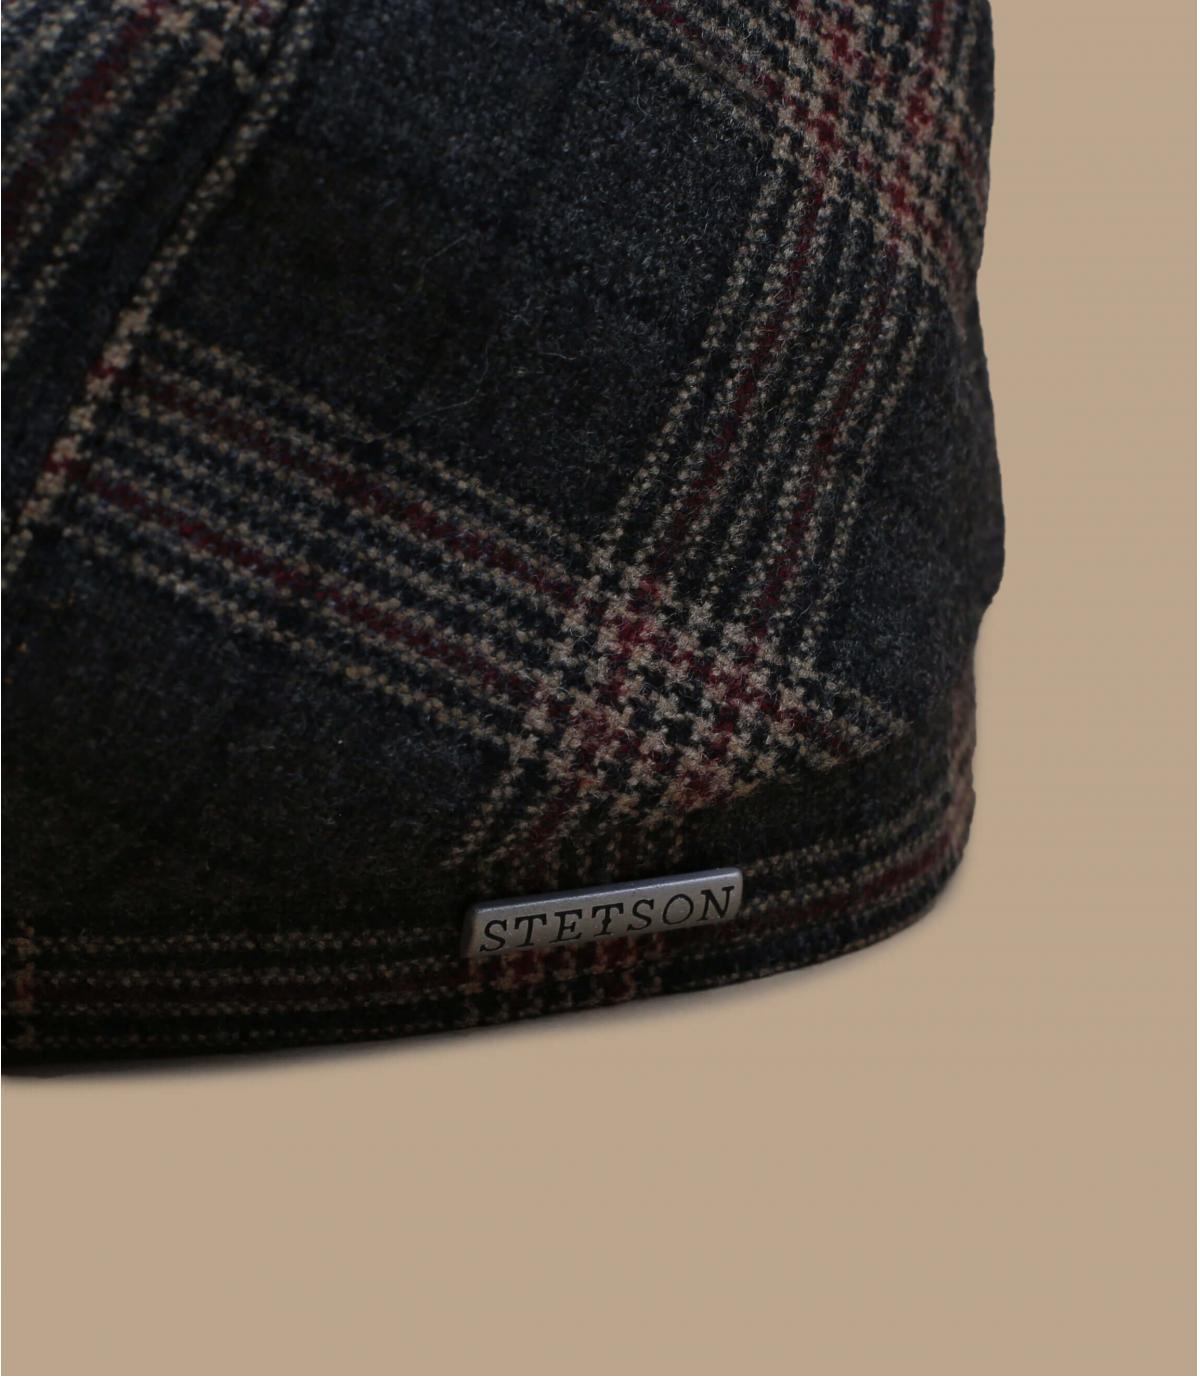 Details 6-Panel Cap Wool Check grey brown - afbeeling 2